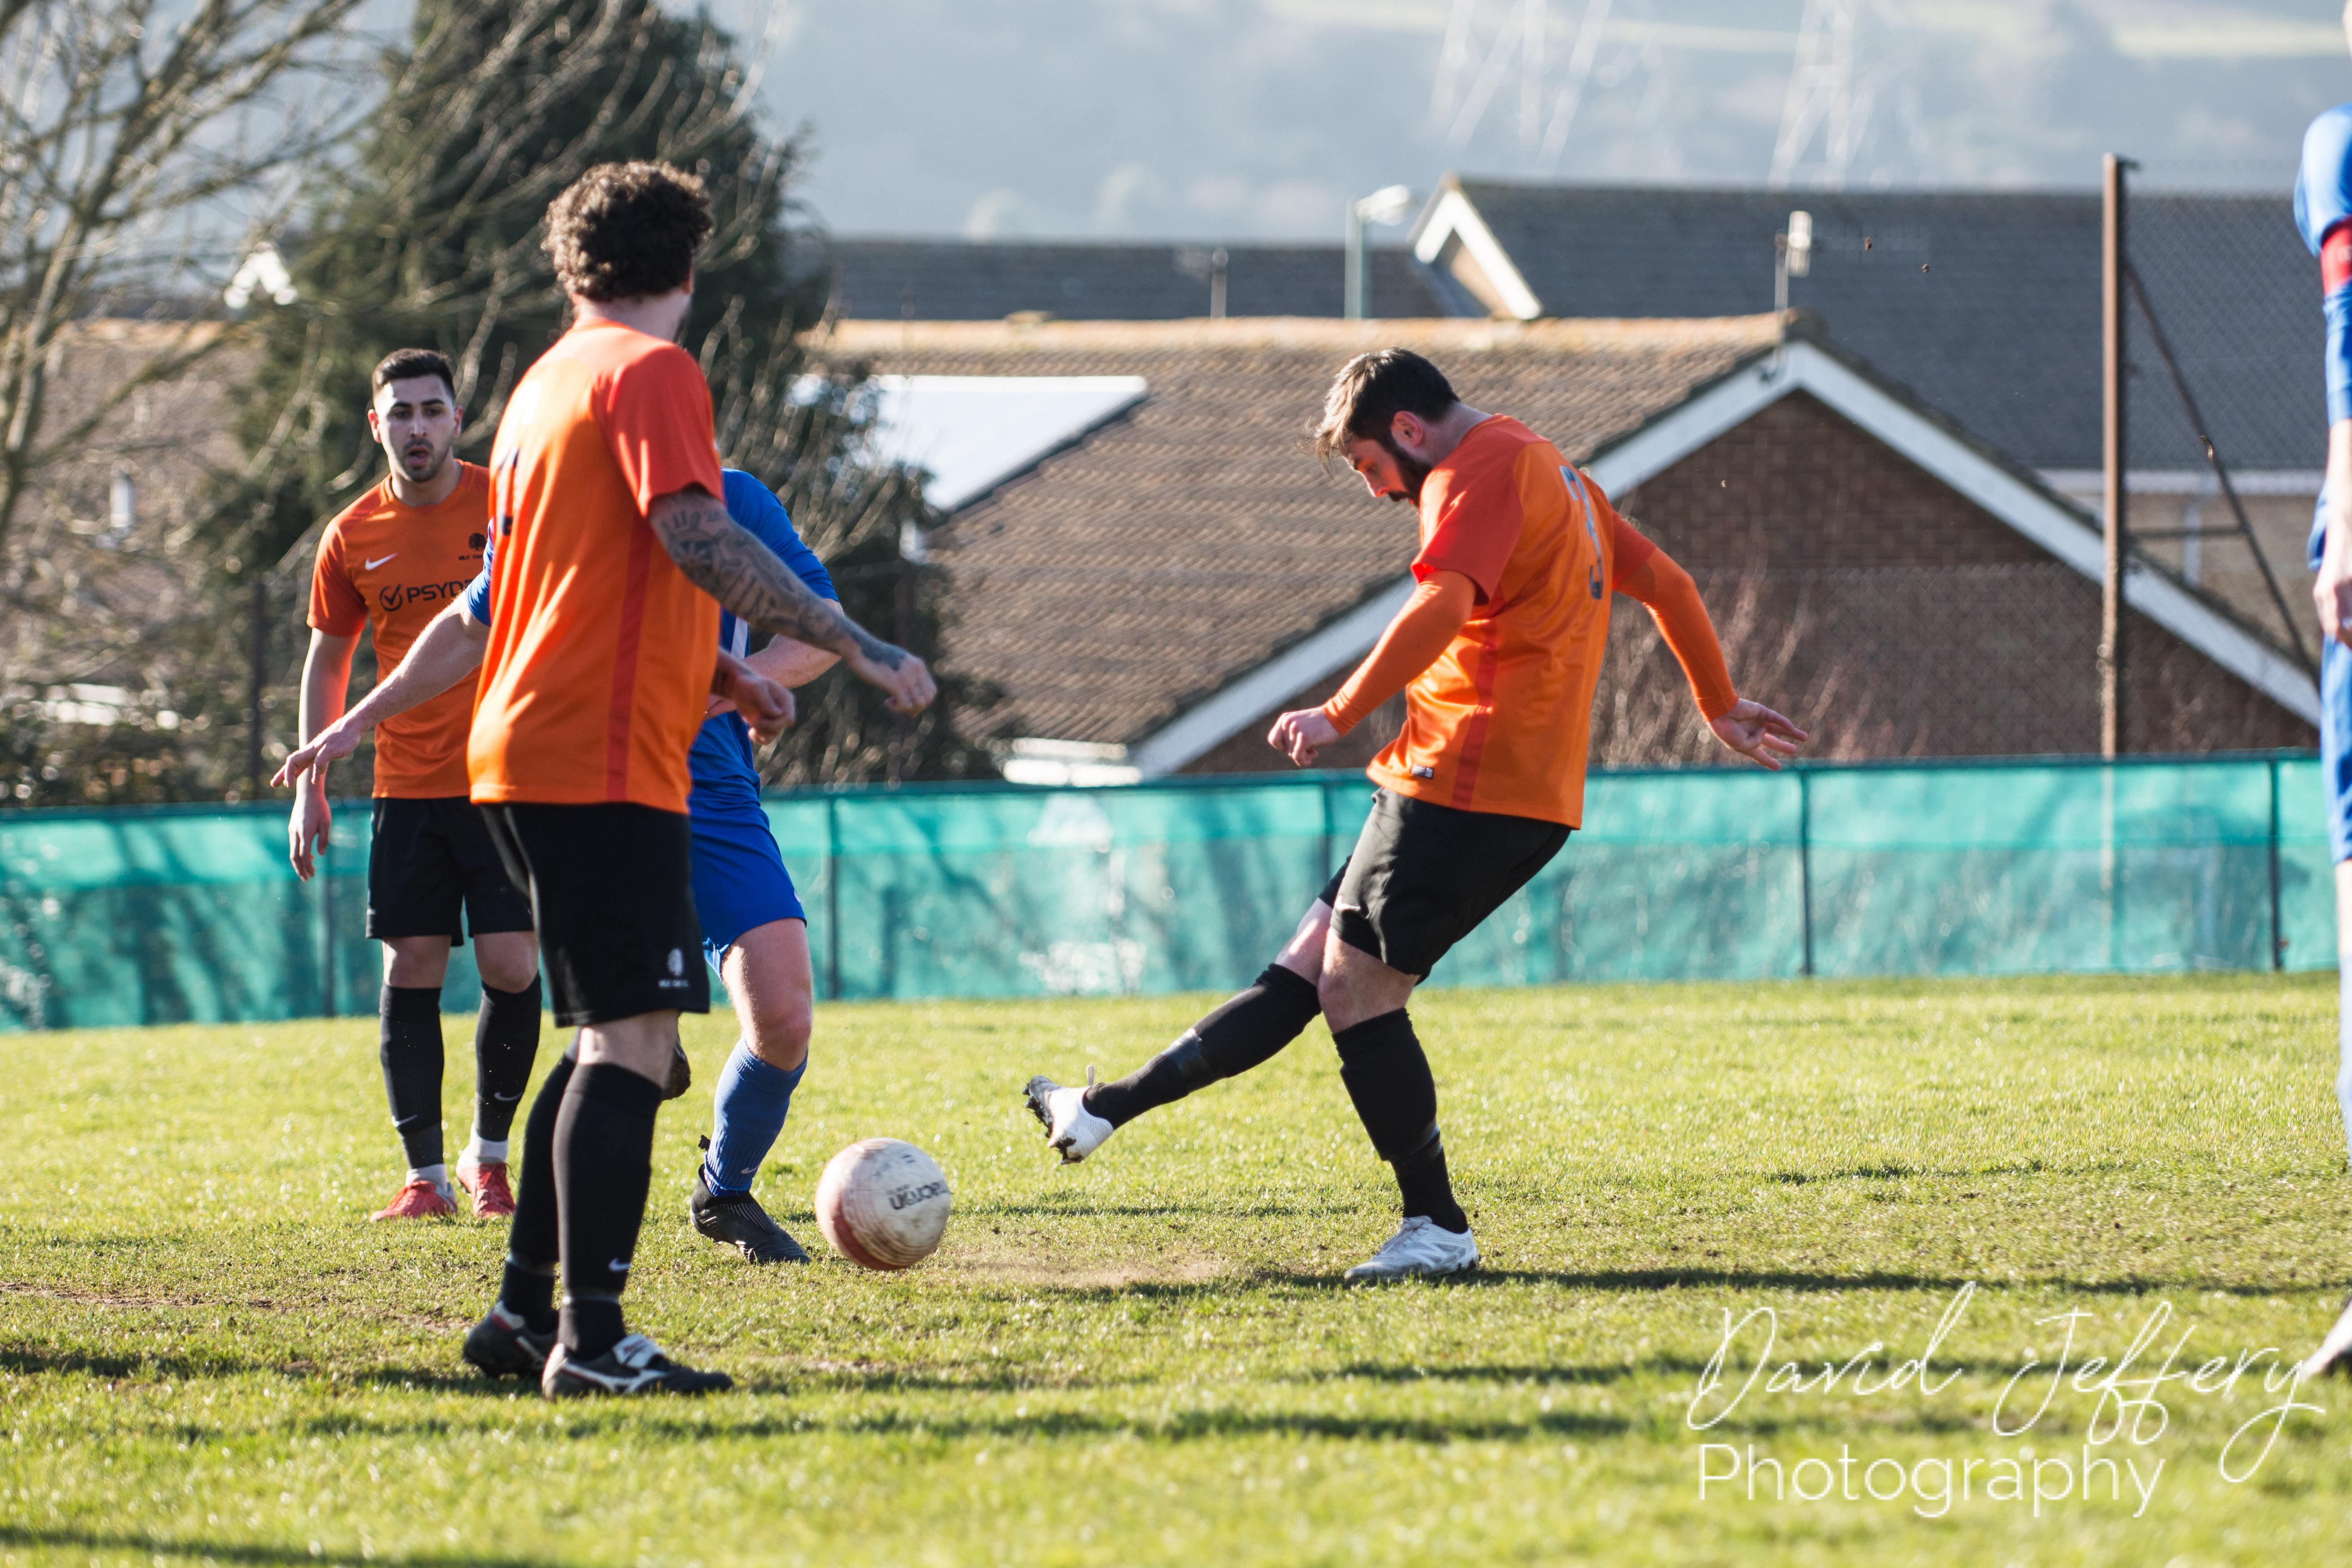 DAVID_JEFFERY MOFC vs Storrington 019